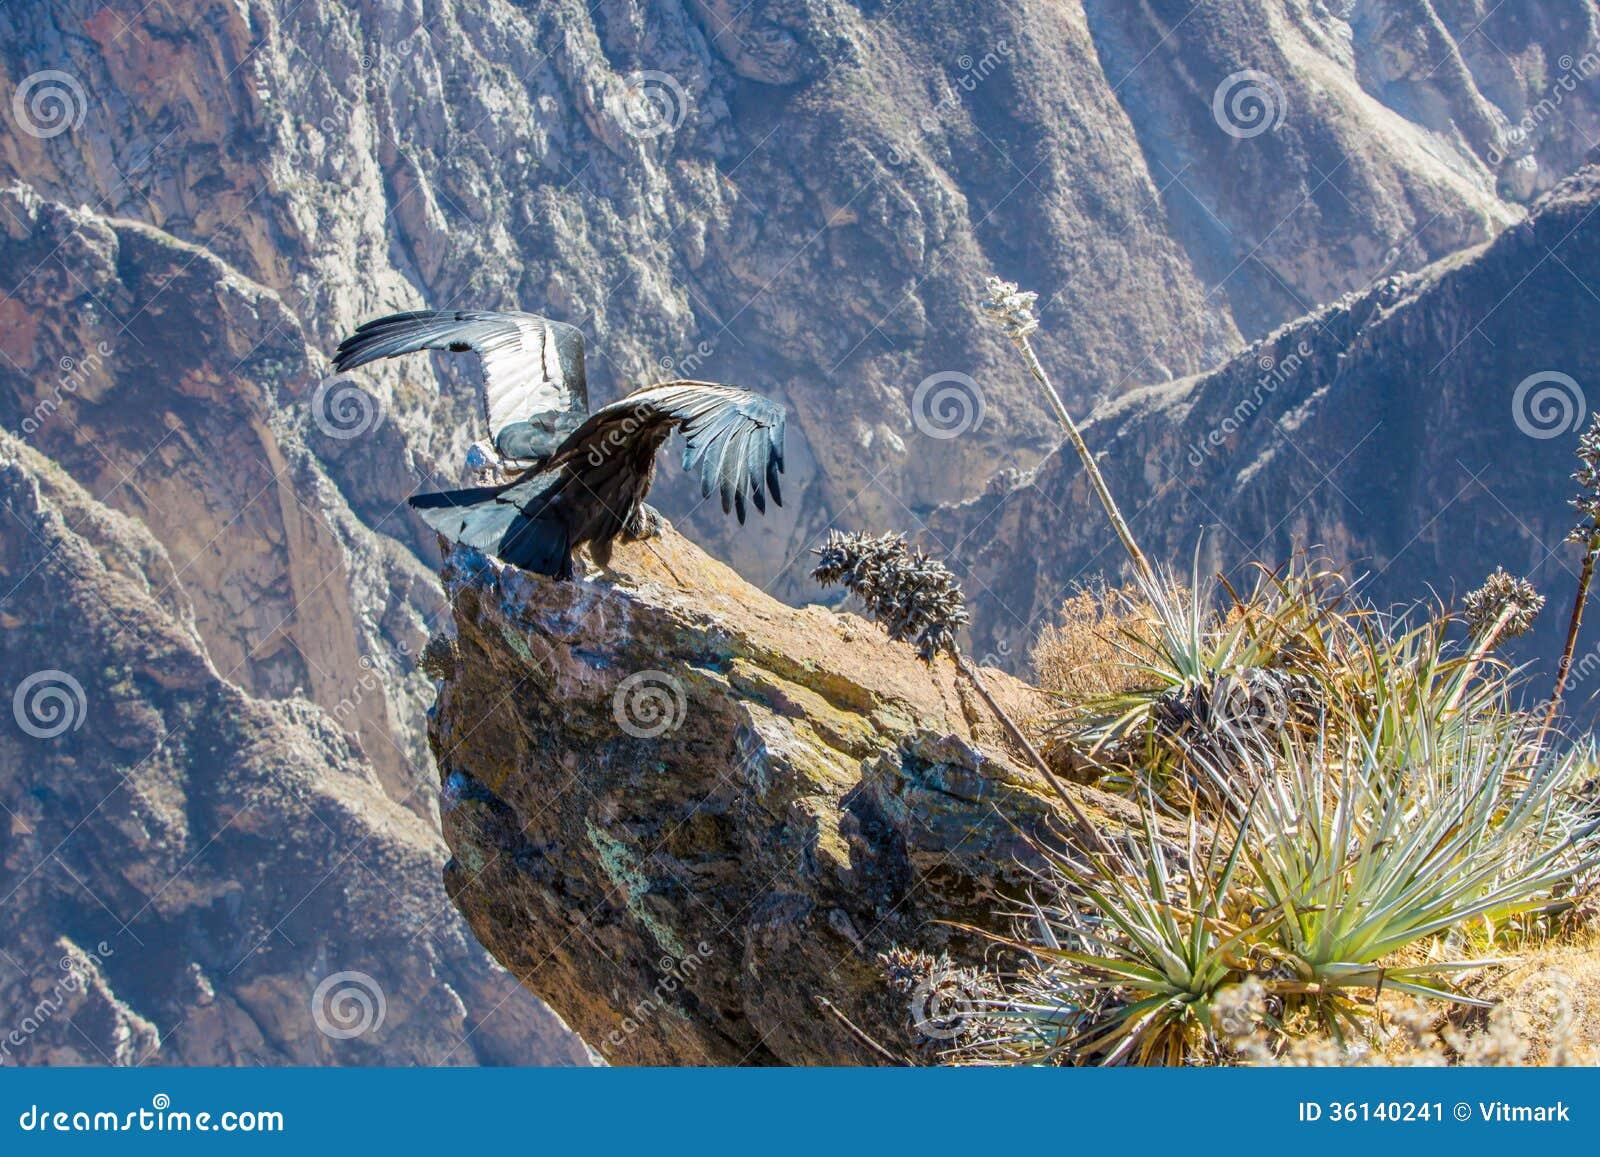 Κόνδορας στη συνεδρίαση φαραγγιών Colca, Περού, Νότια Αμερική. Αυτό είναι ένας κόνδορας το μεγαλύτερο πετώντας πουλί